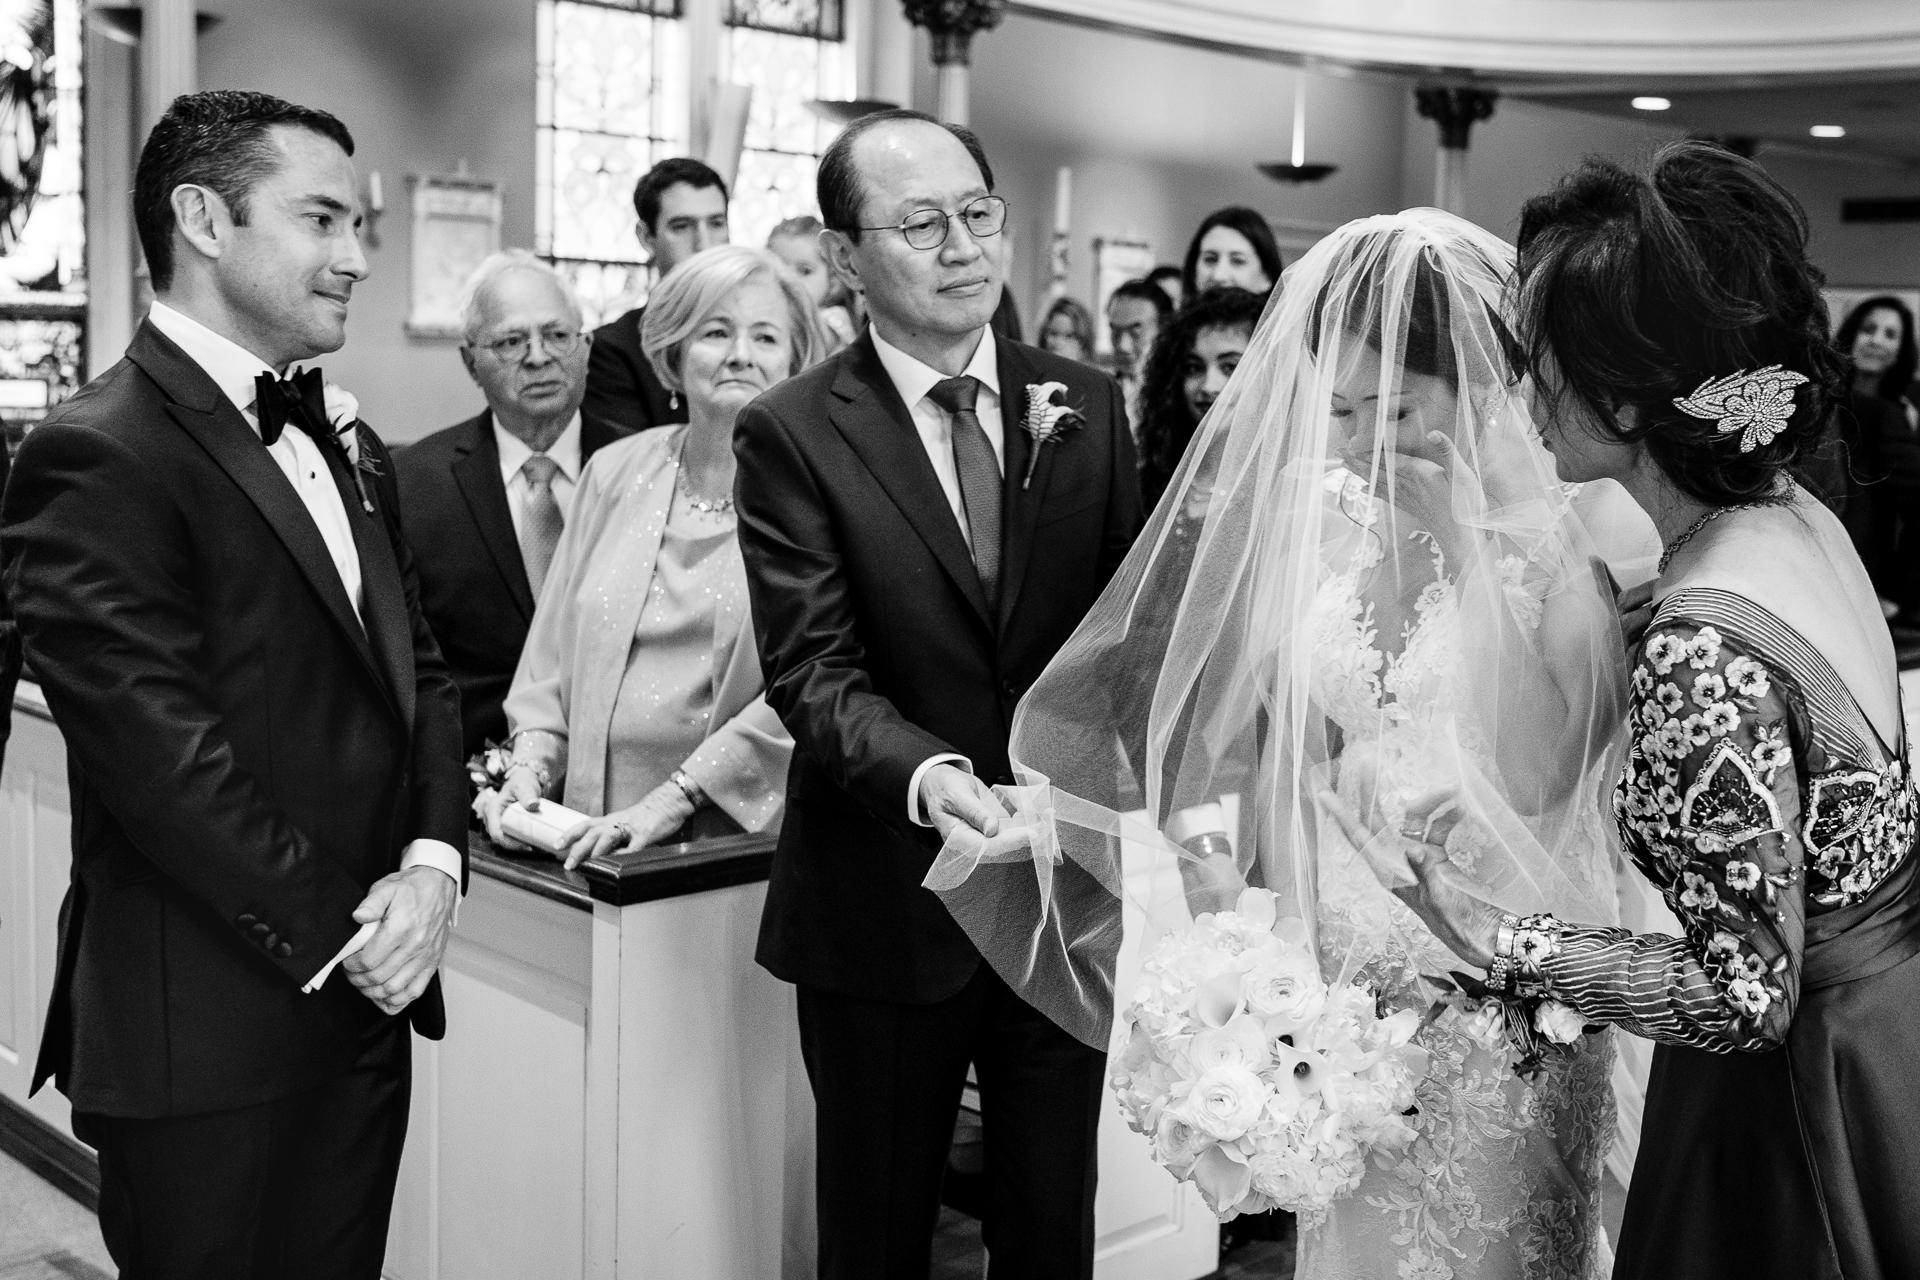 Hochzeitsfotografie mit den Eltern. Bild der Mutter u. Des Vatis der Braut, die ihren Schleier entfernen, während der Bräutigam an schaut.